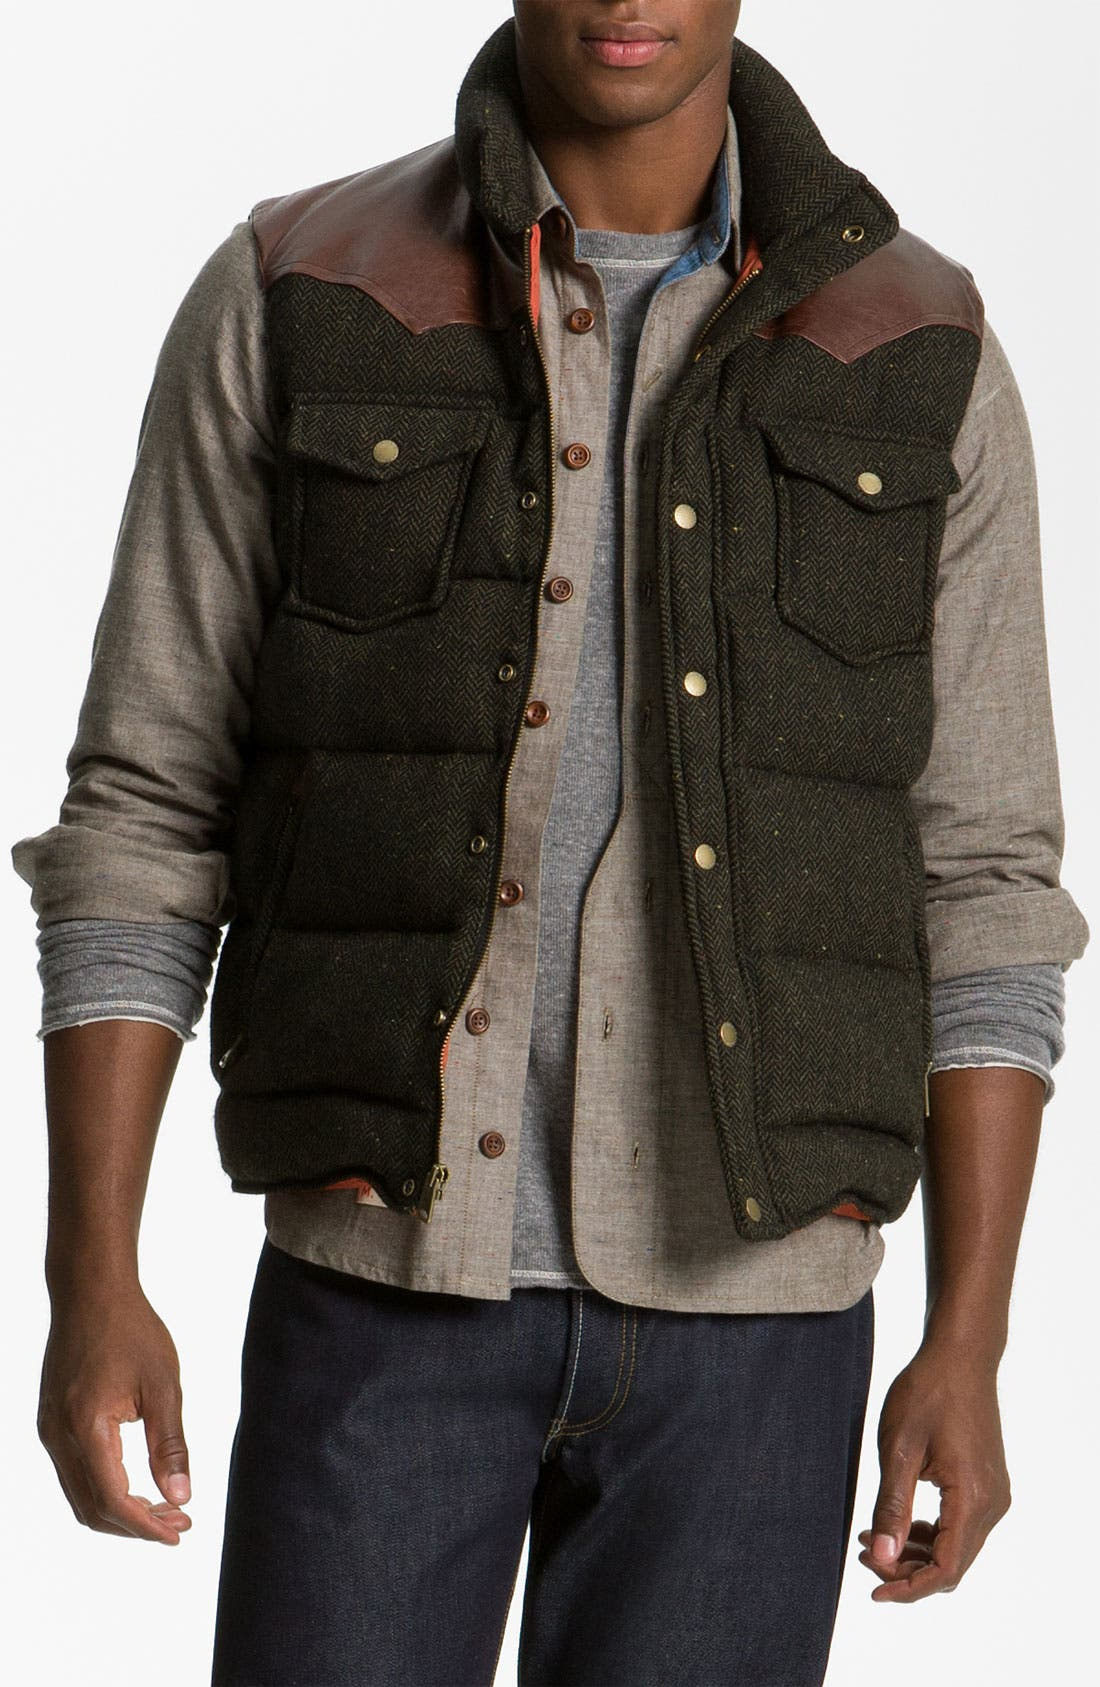 Alternate Image 1 Selected - Penfield 'Stapleton' Herringbone Tweed Down Vest